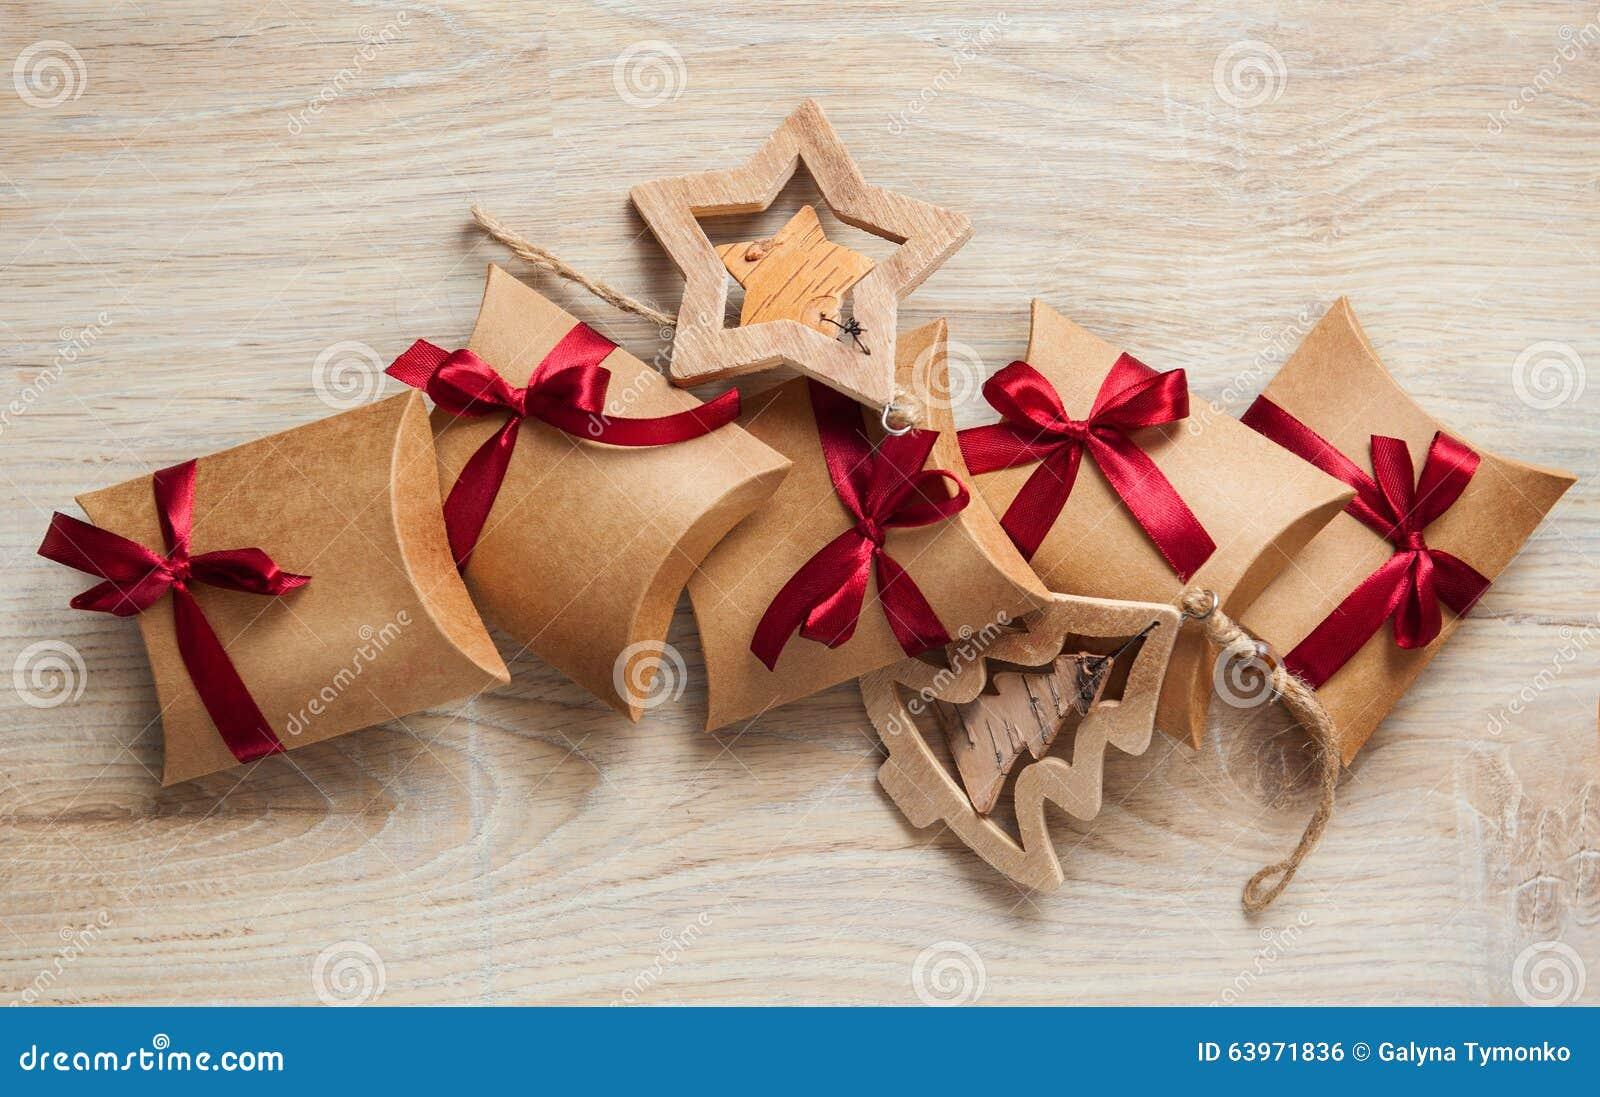 regalos de navidad hechos a mano